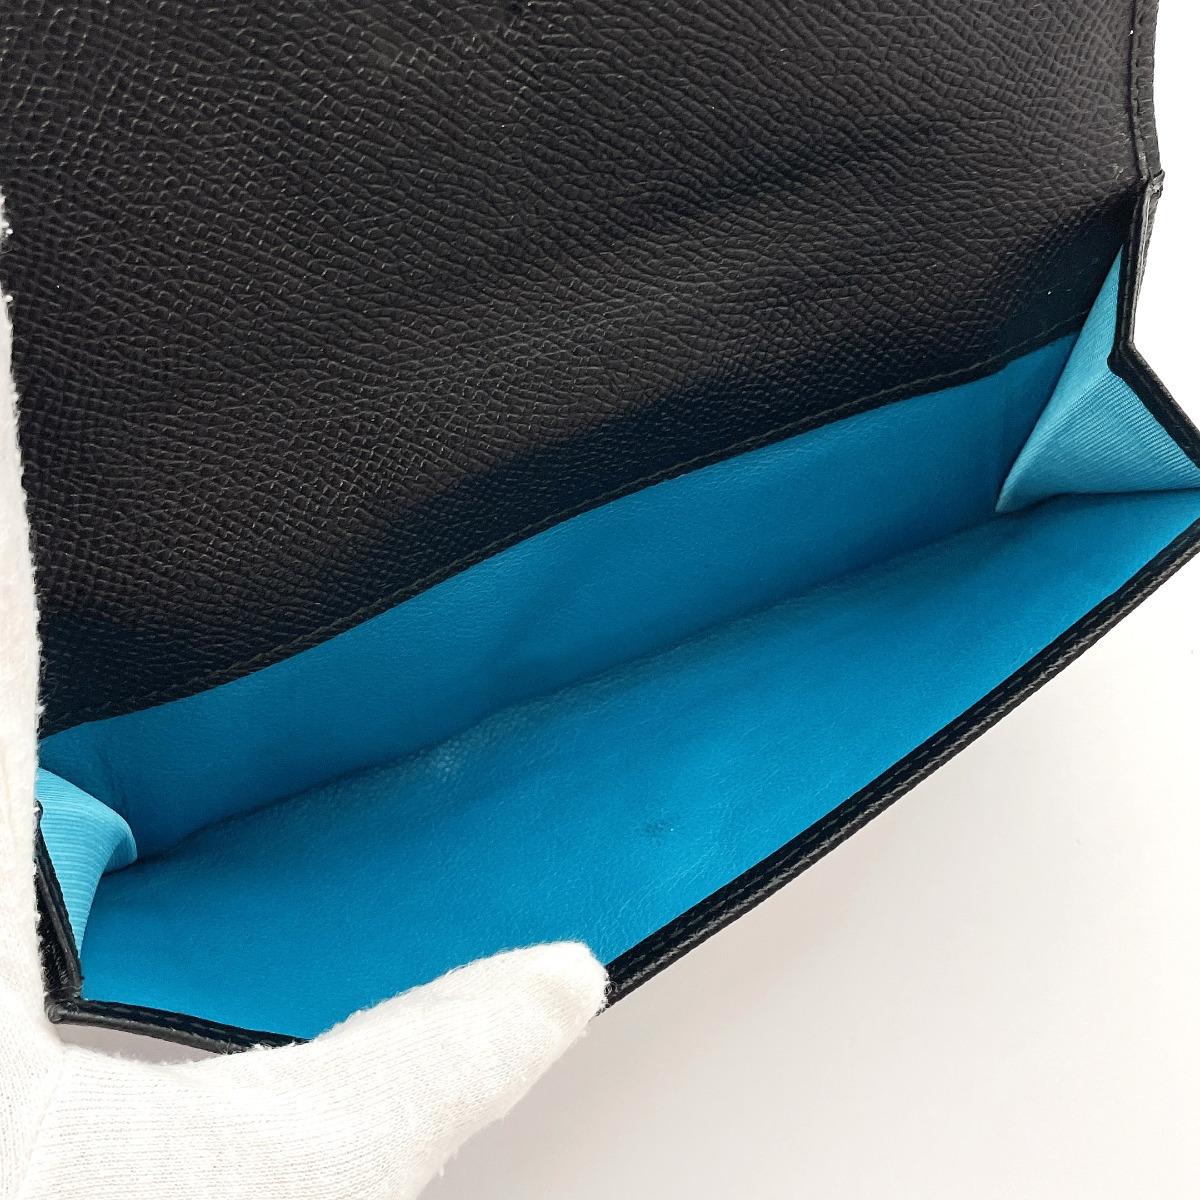 良品♪♪(BVLGARI ブルガリ)長財布 30416 ブルガリ ブルガリ レザー ブラック&ブルー【送料無料&保存箱付き】イタリア製★_画像9